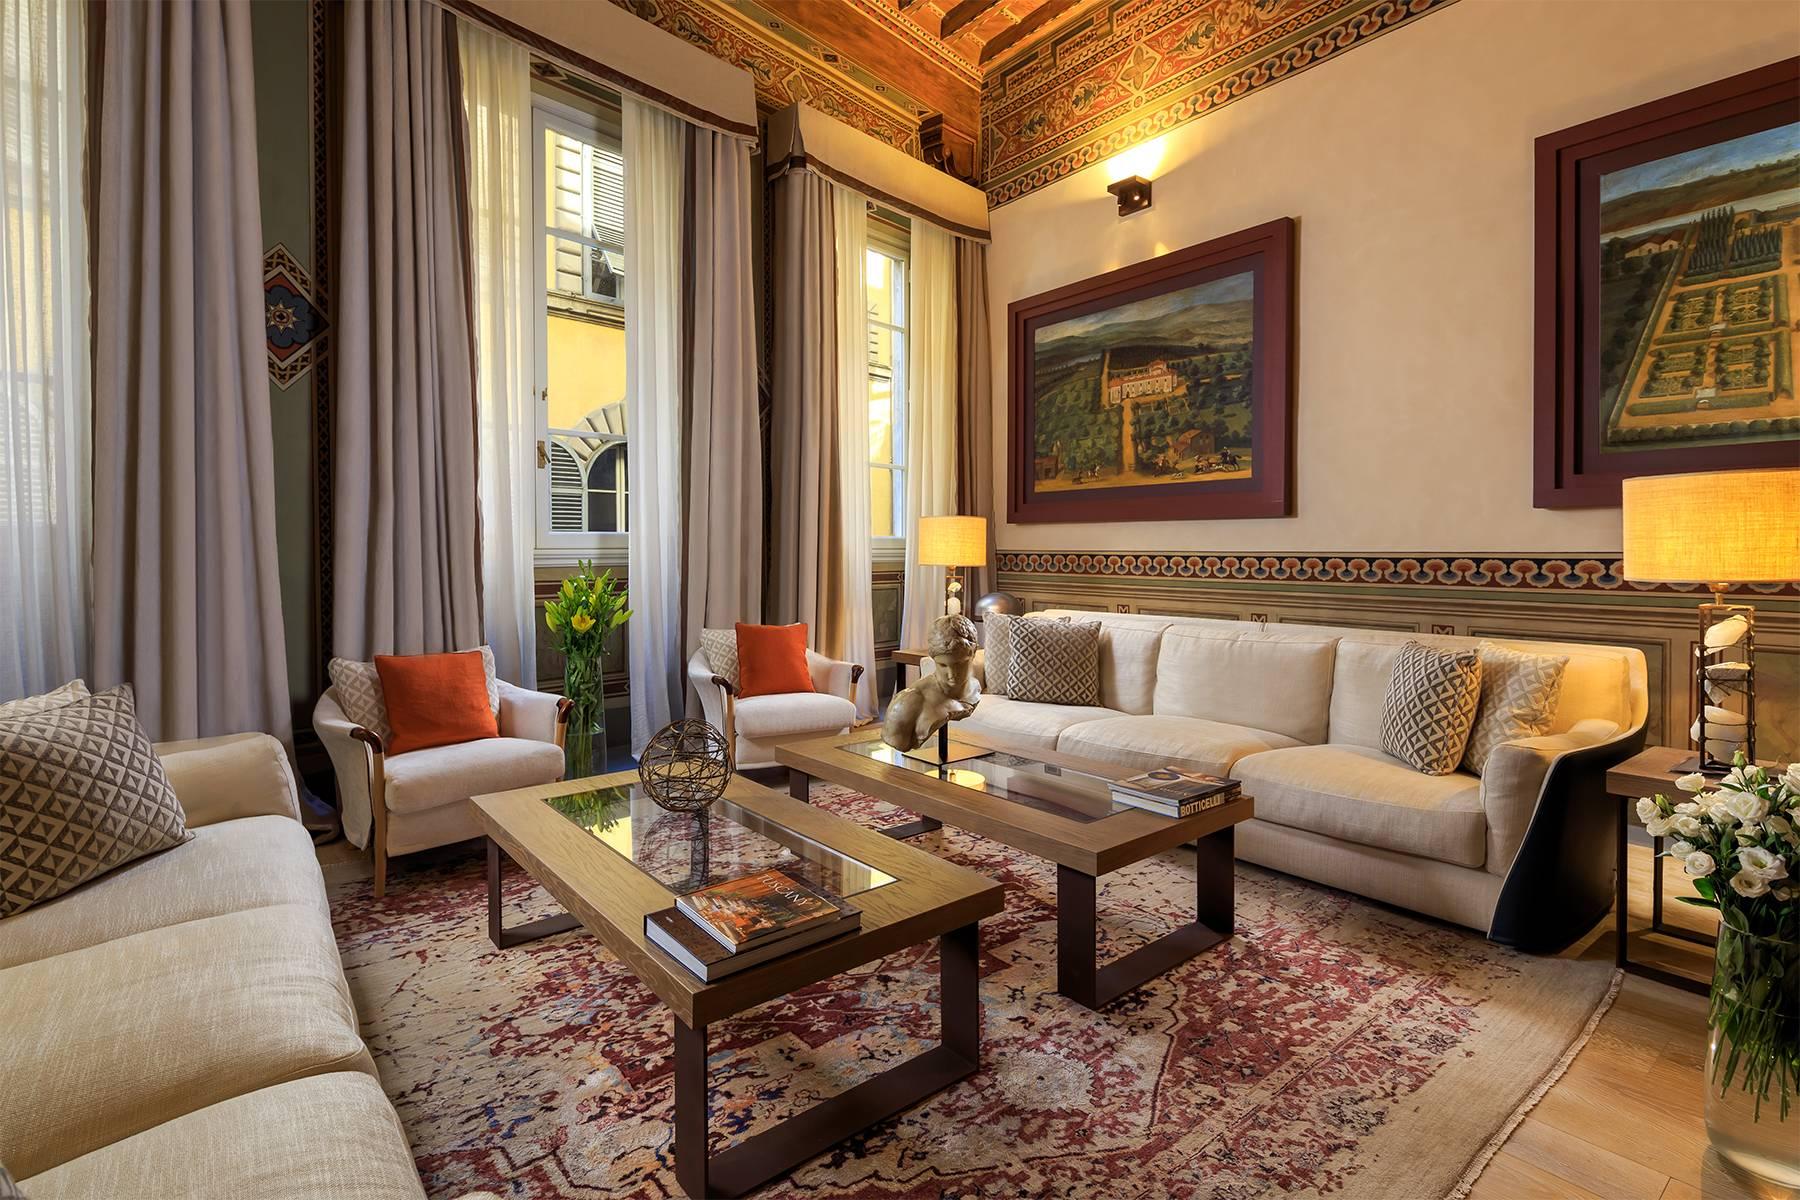 Appartamento in Vendita a Firenze: 5 locali, 360 mq - Foto 1